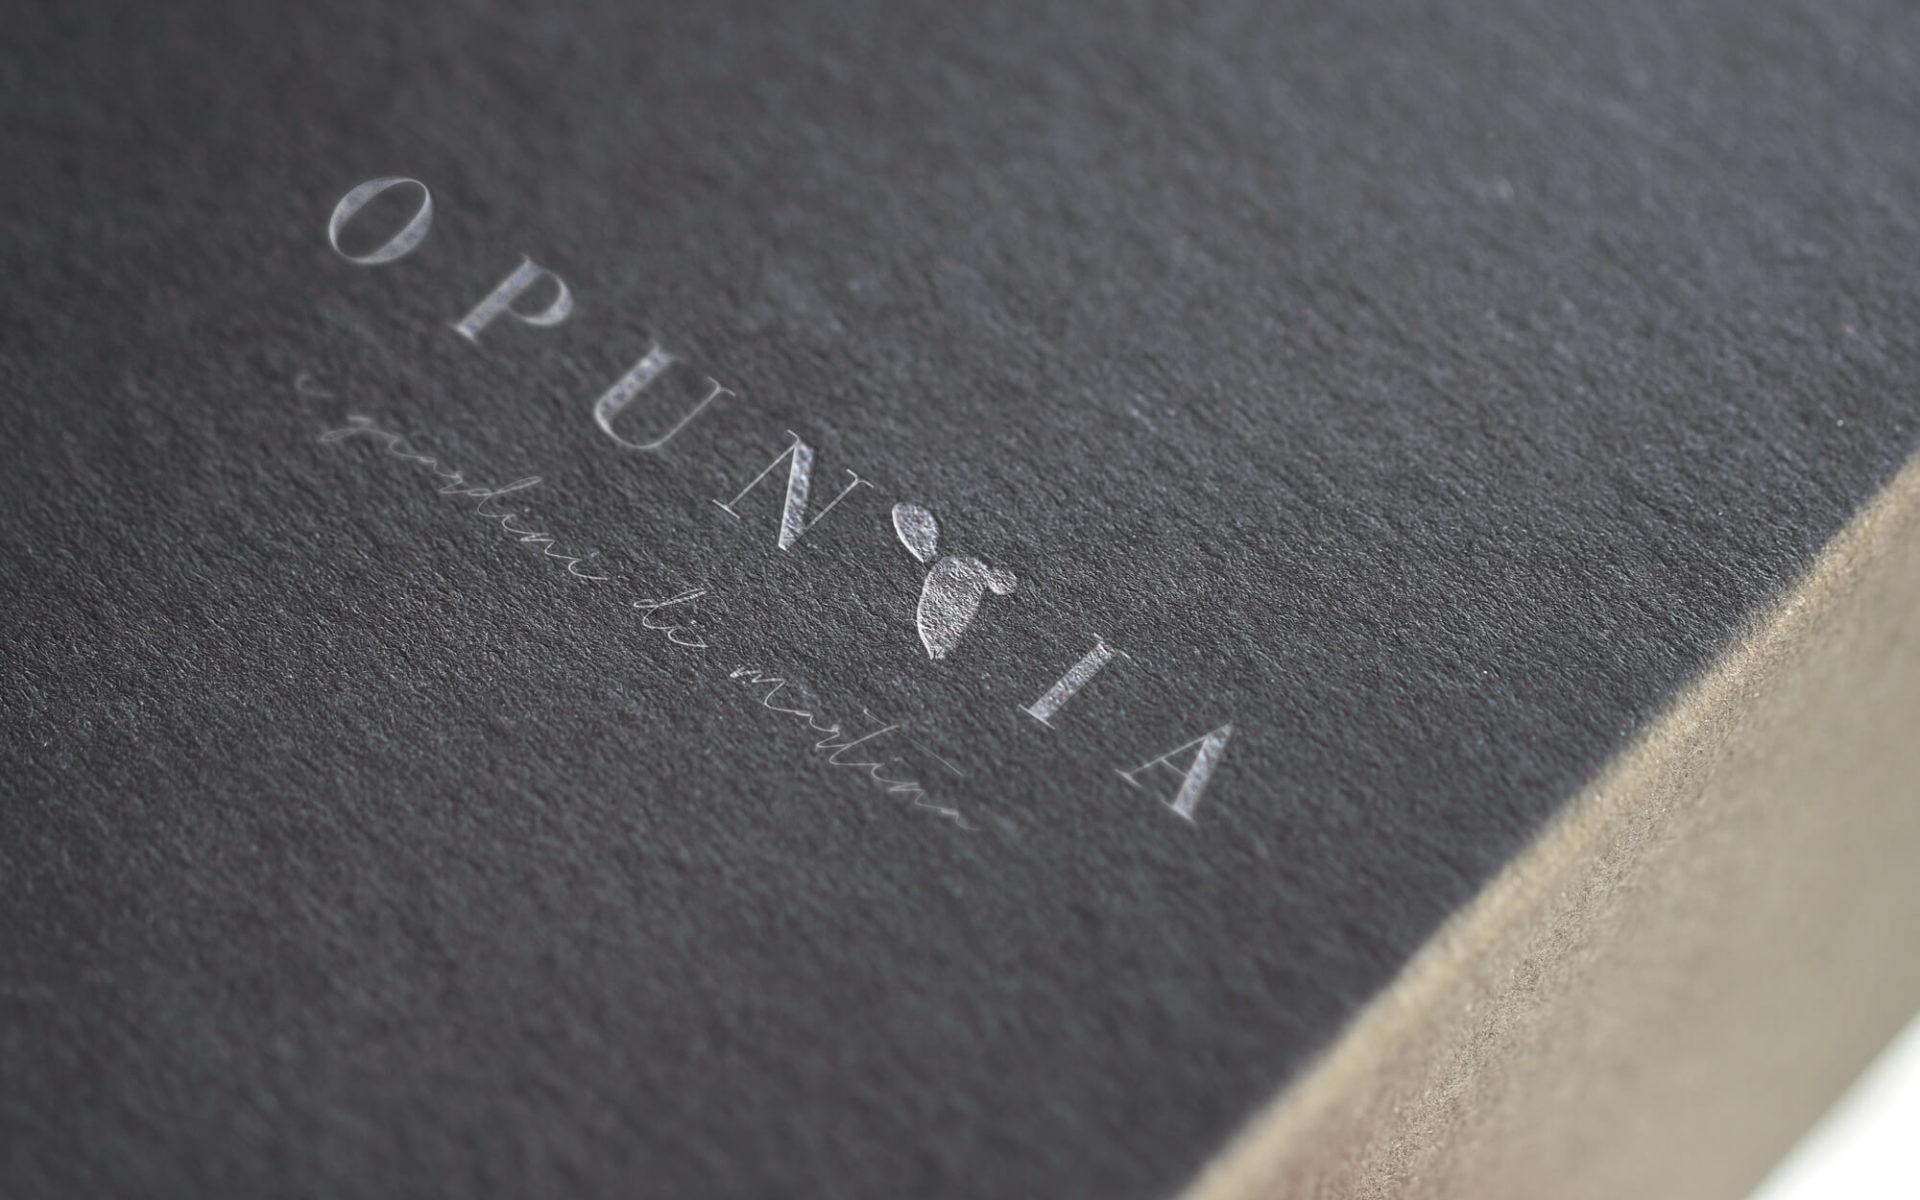 dettaglio stampa bianco offset per cartella portadocumenti opuntia, progetto diadestudio agenzia di comunicazione